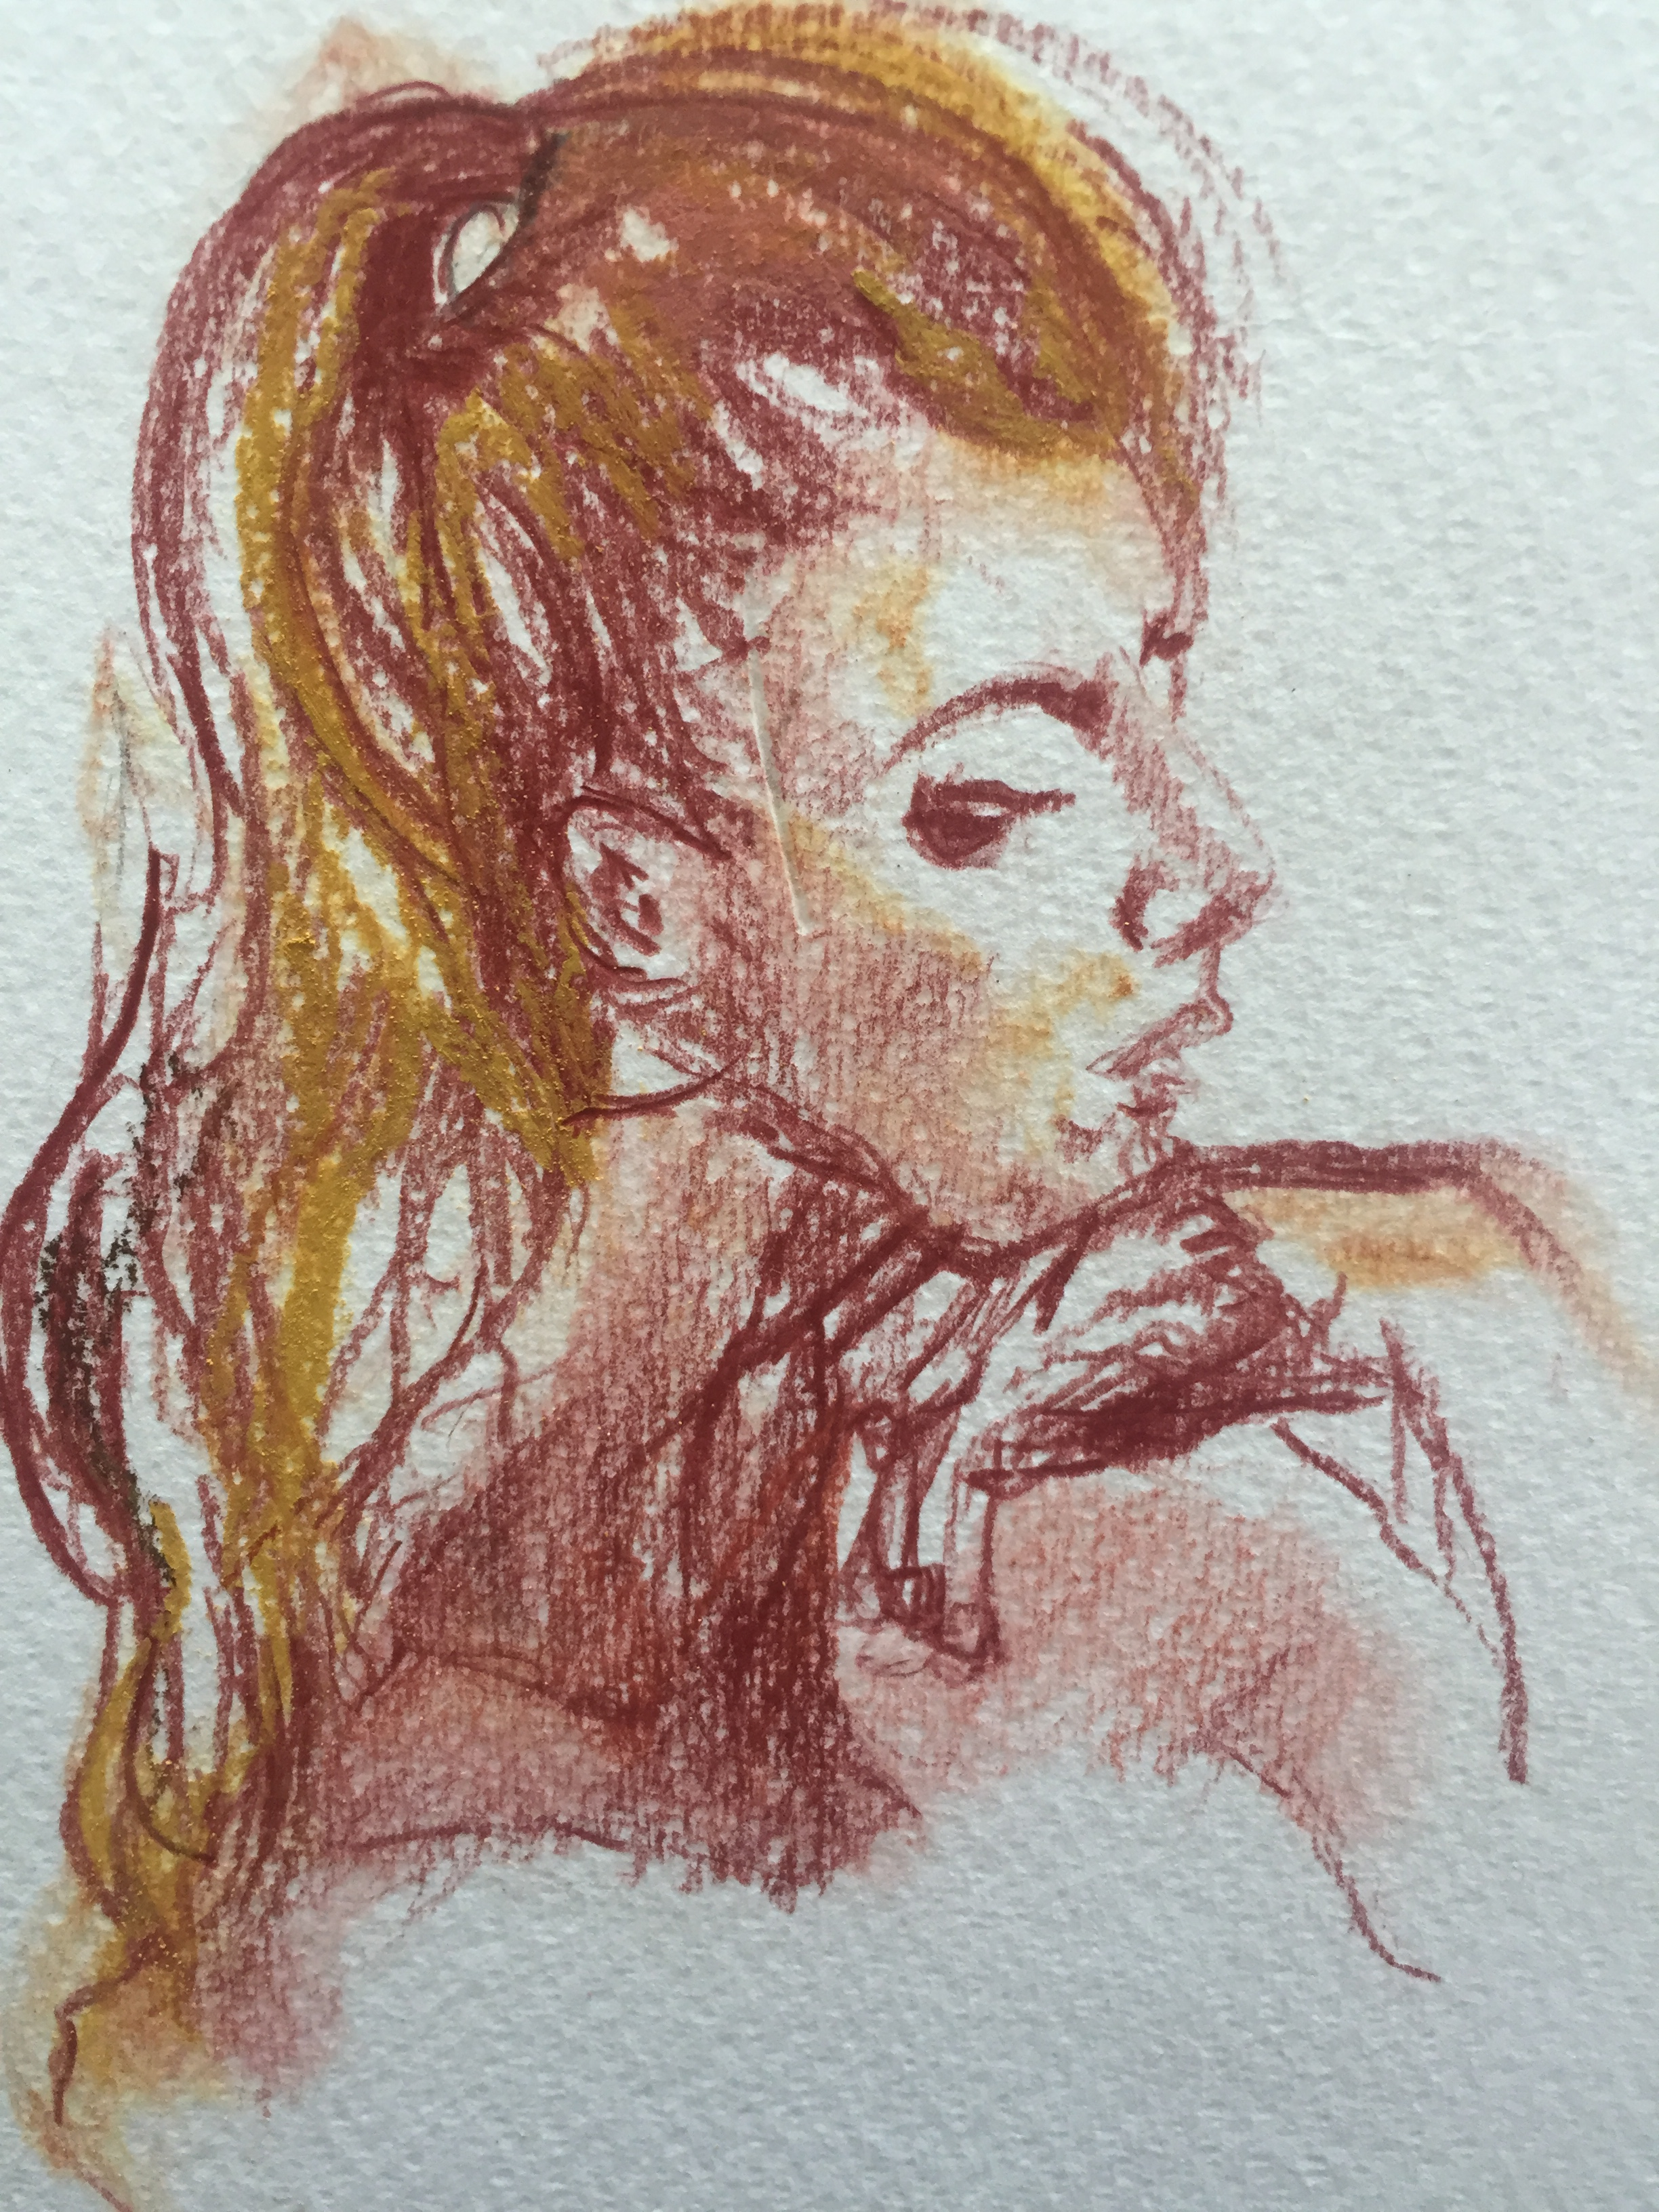 Portraits sanguines pastels  cours de dessin